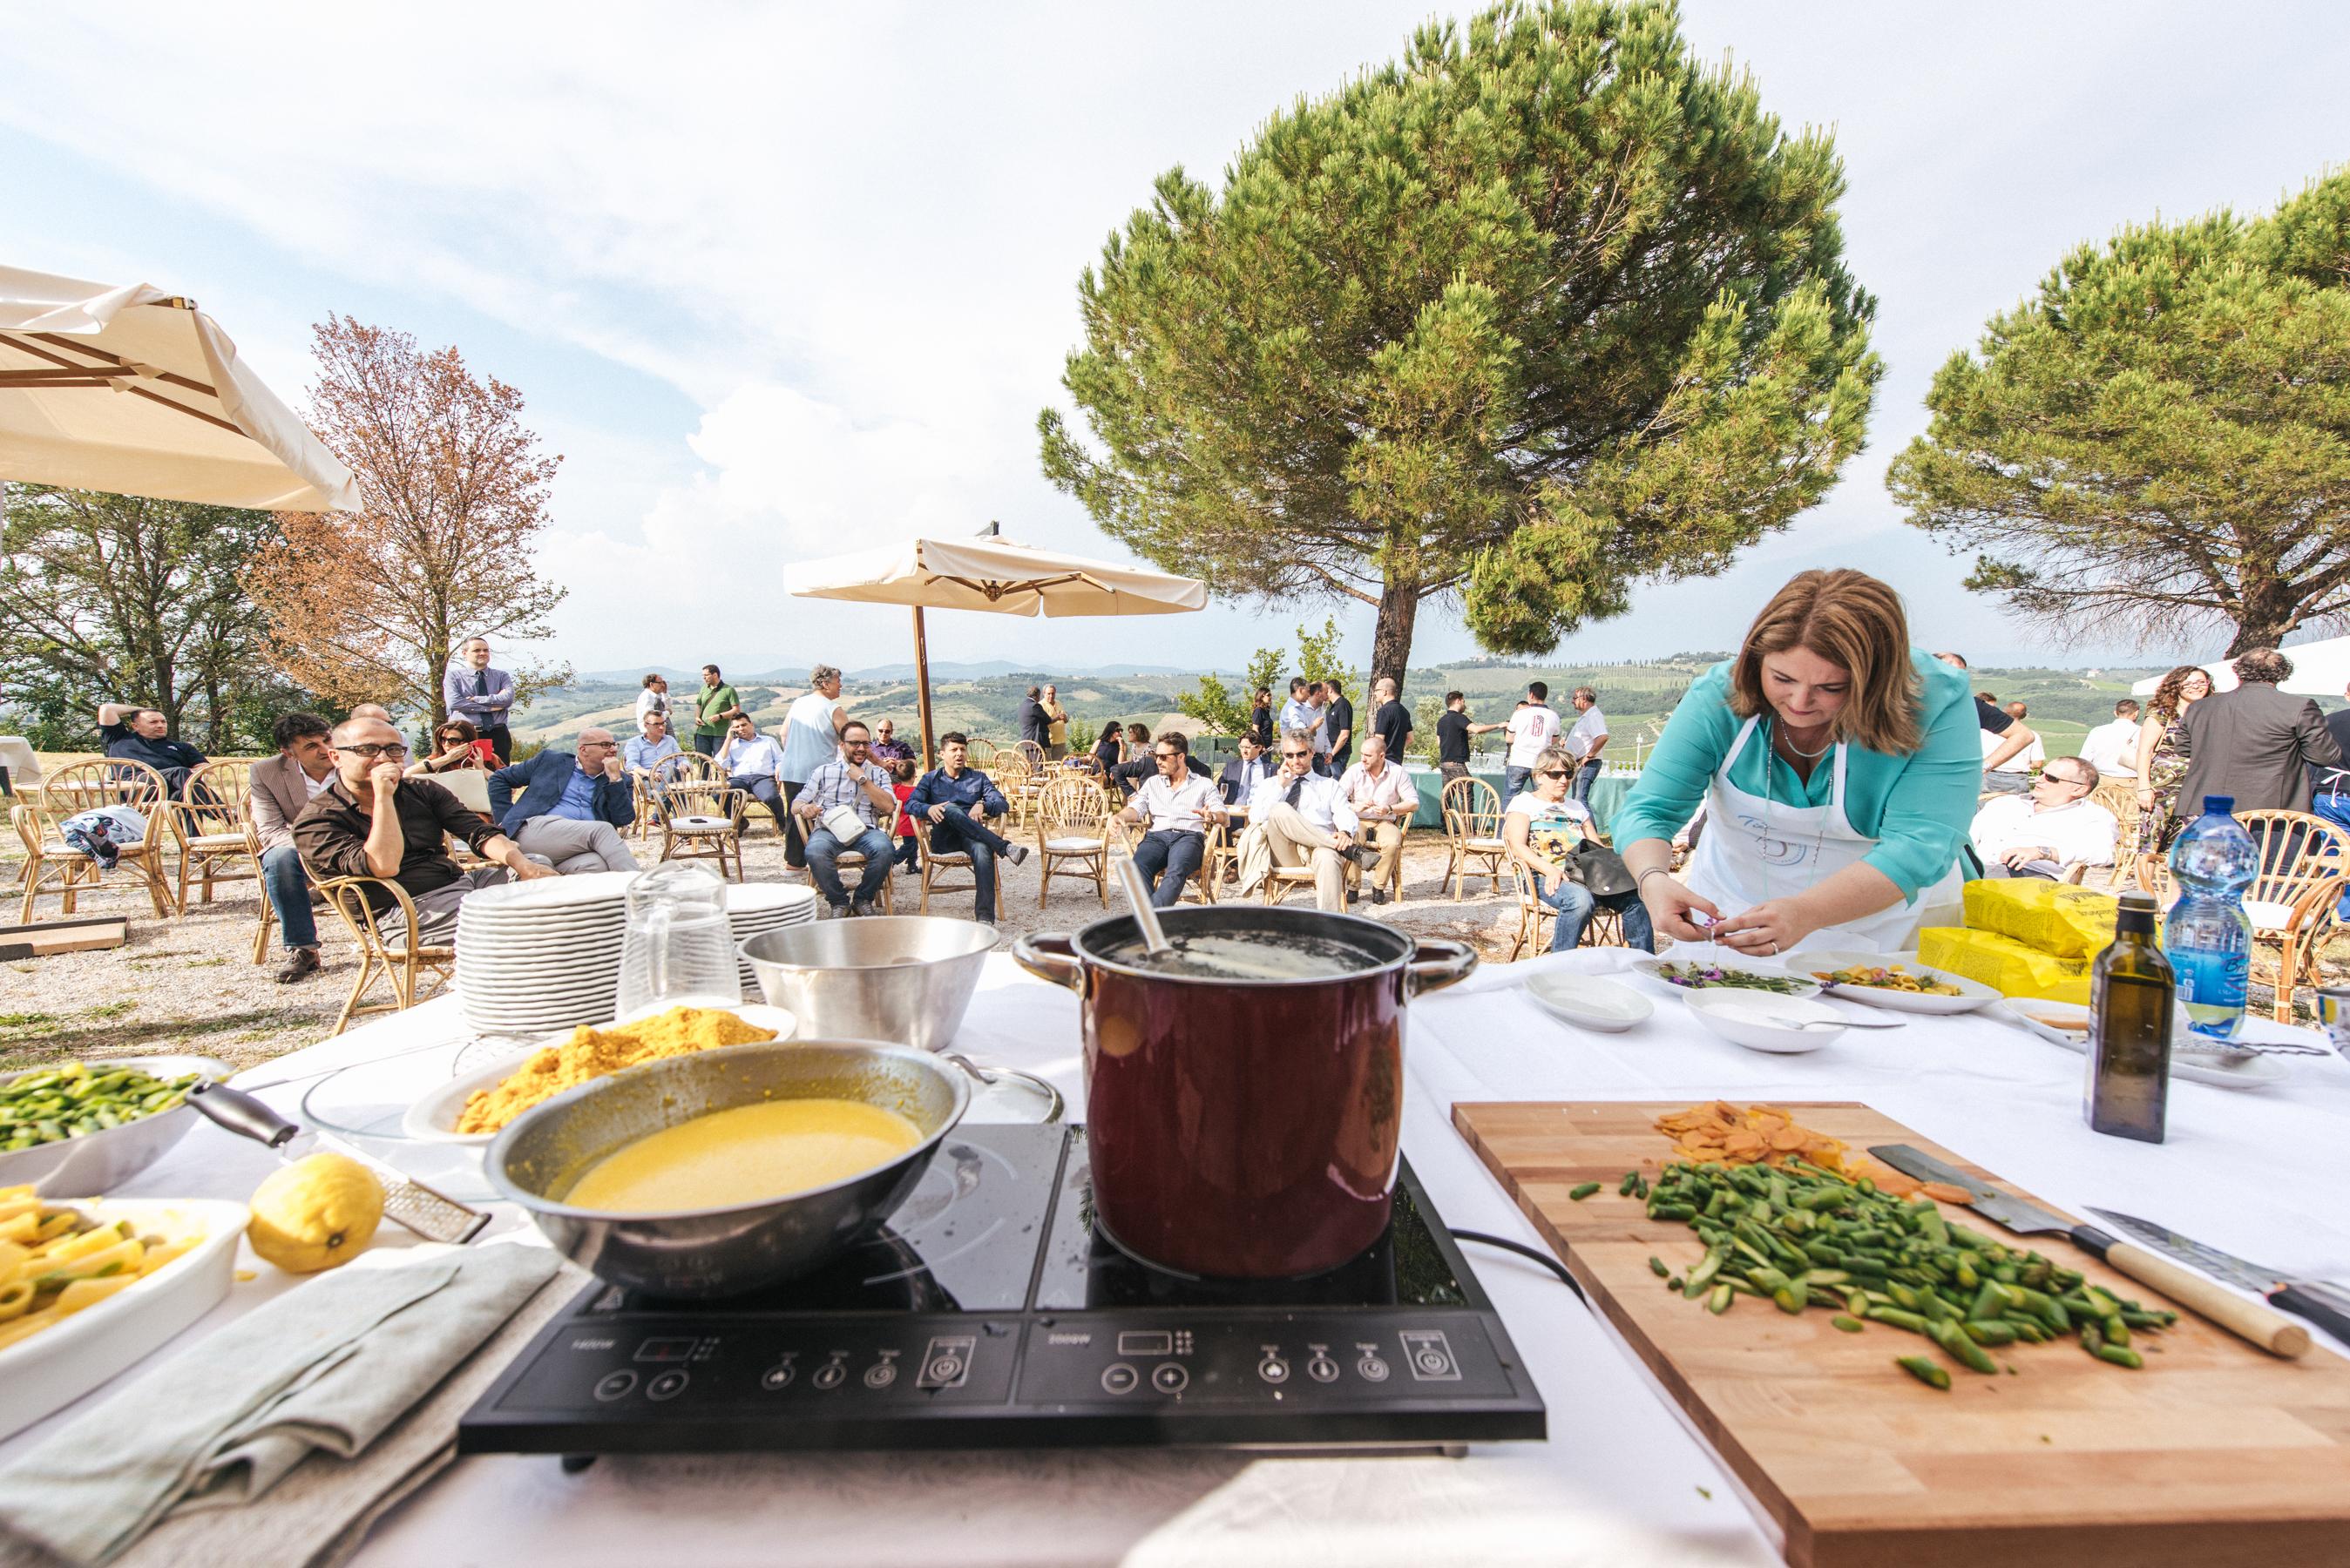 Un momento del cooking show con Tiziana Stefanelli e Simone Campinoti.